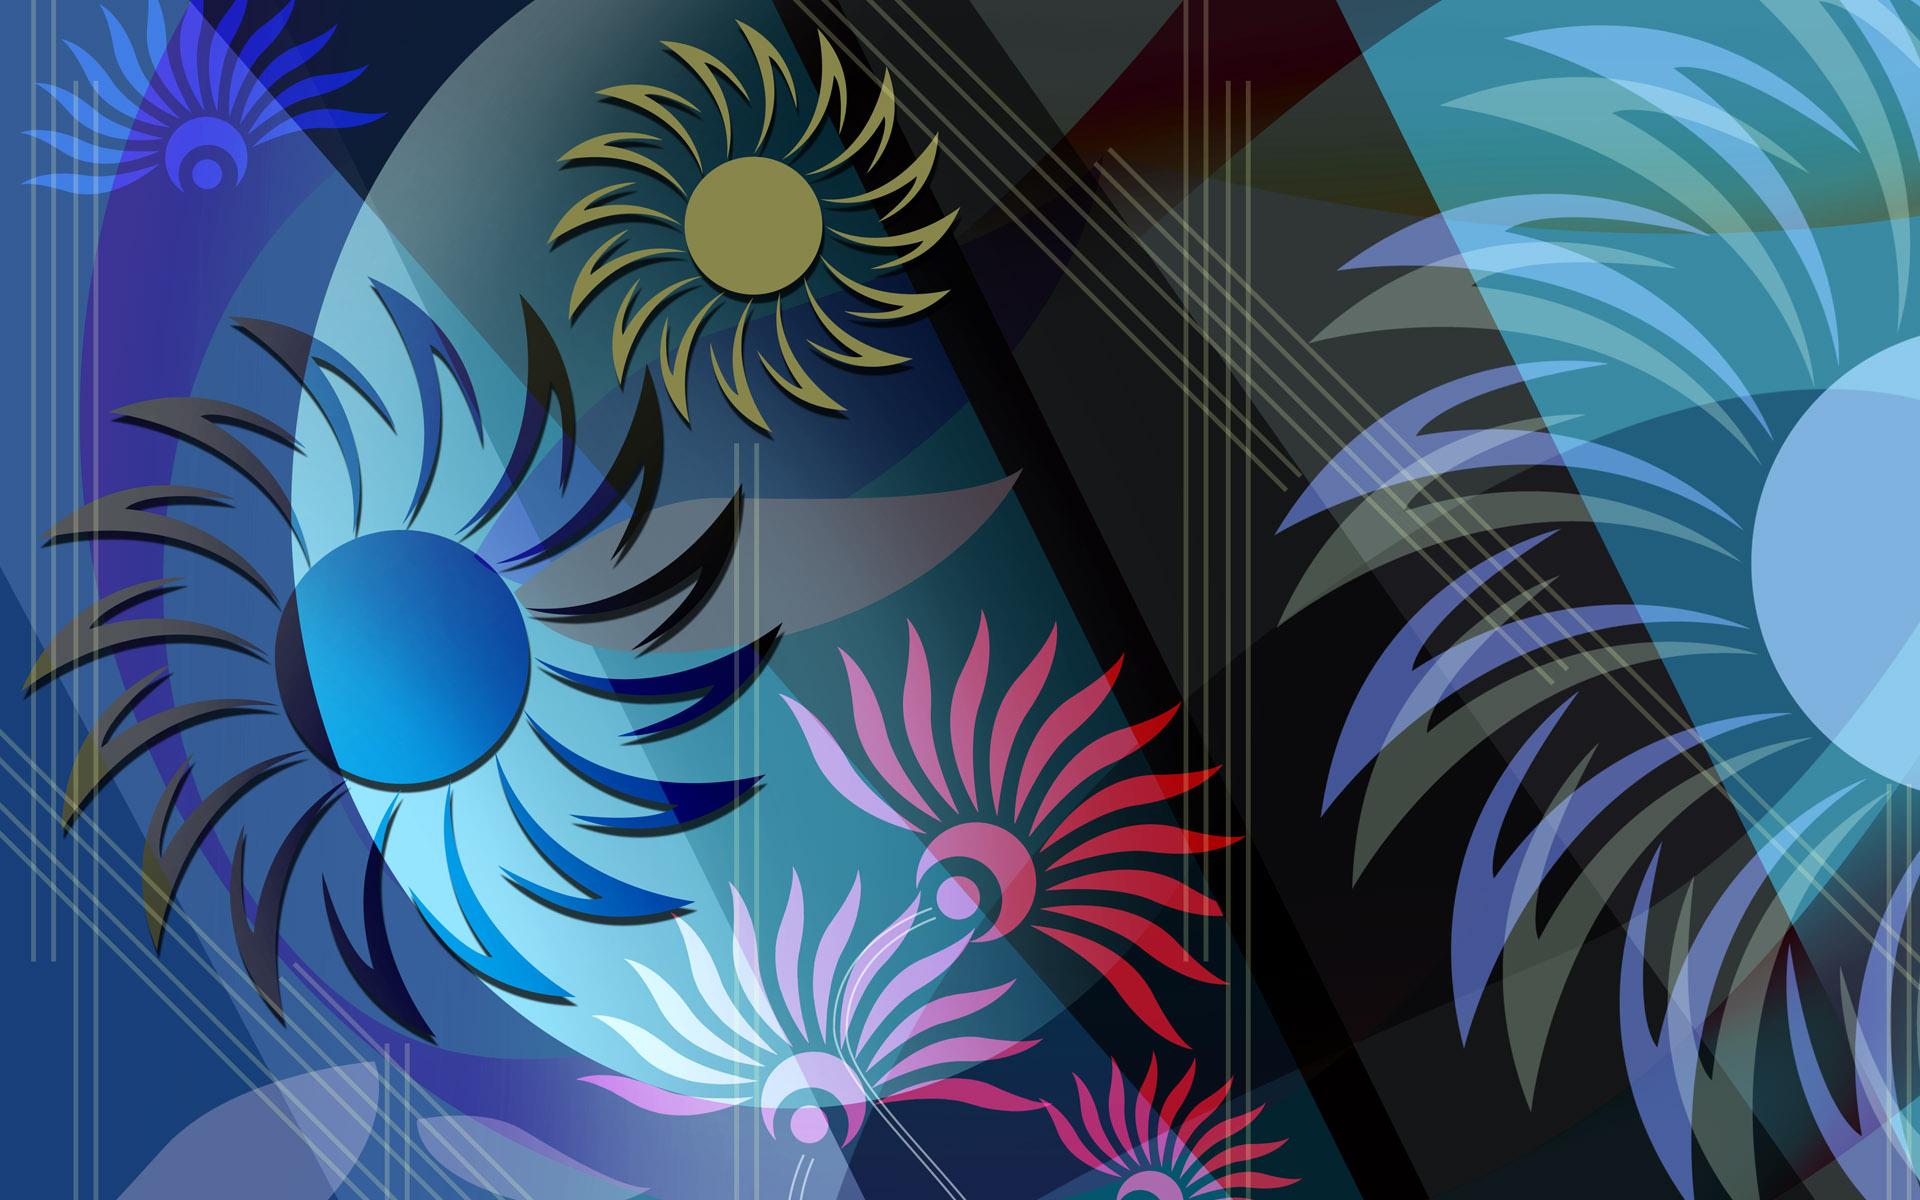 Wallpapers wallpaper designs flower design 1920x1200